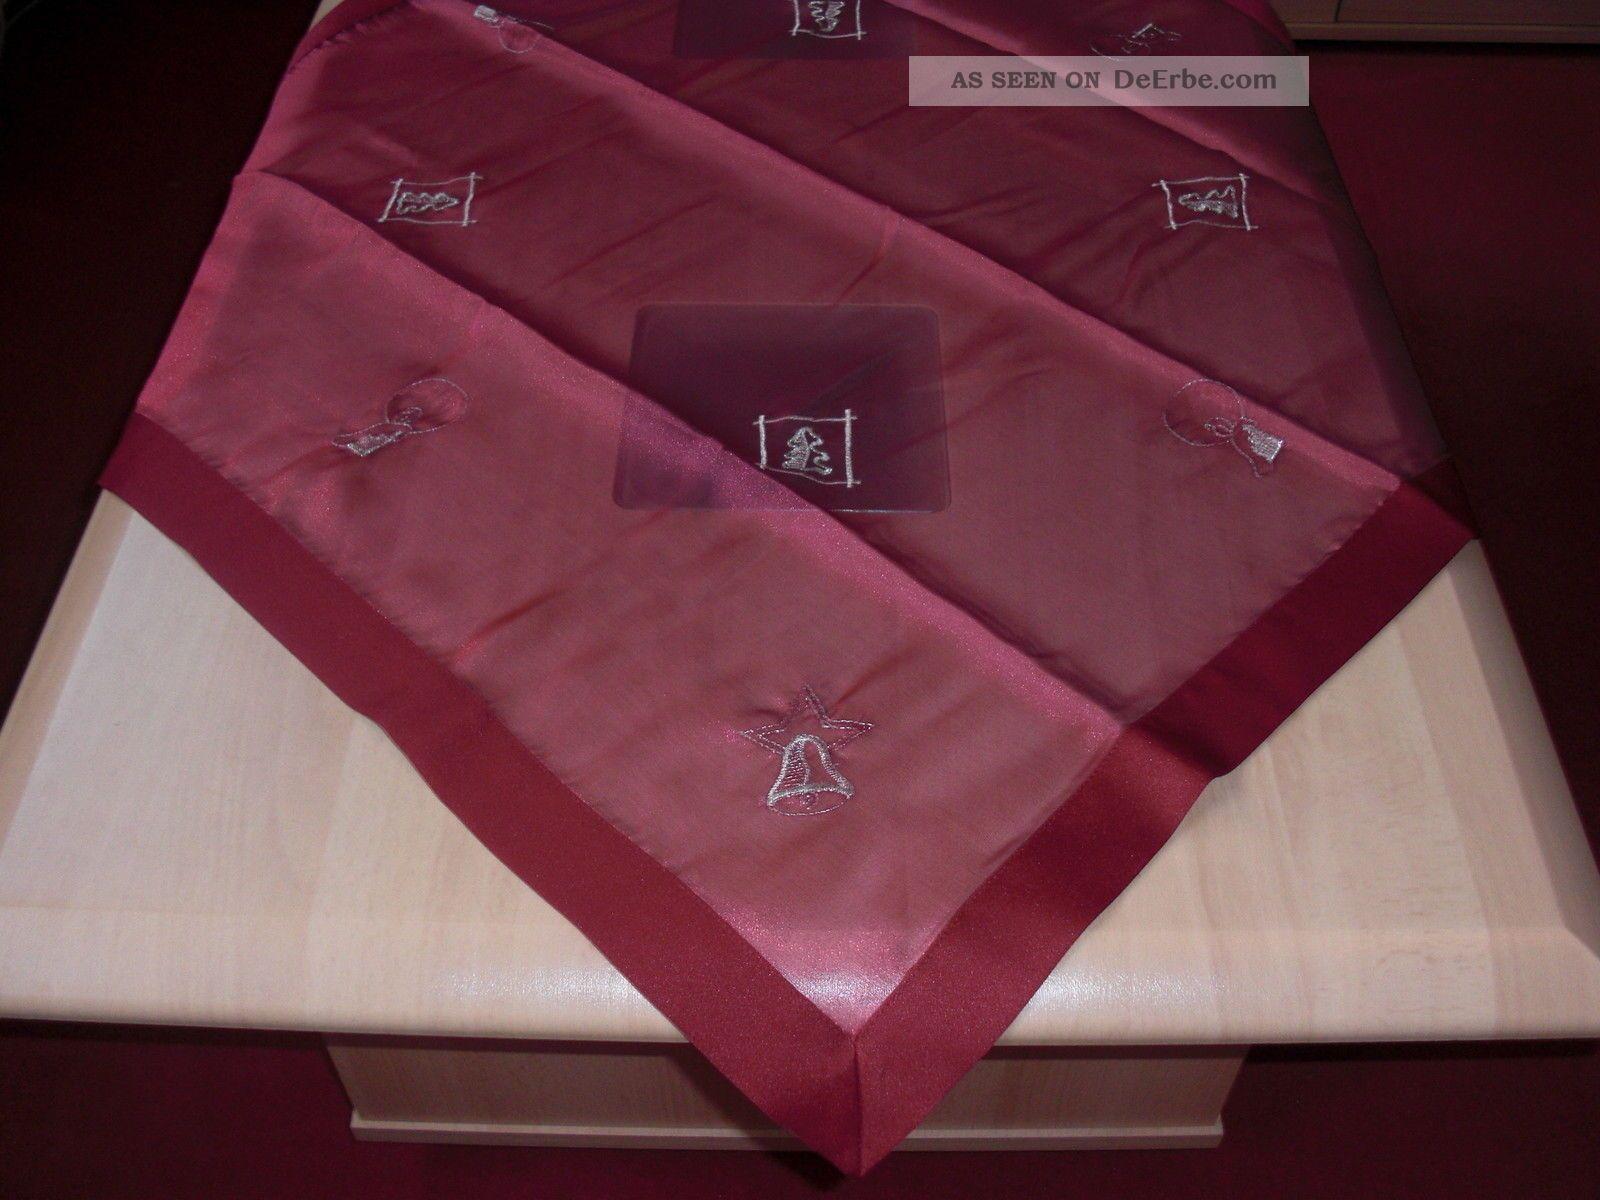 weihnachts tischdecke mitteldecke 78 x 78 cm rot beere. Black Bedroom Furniture Sets. Home Design Ideas